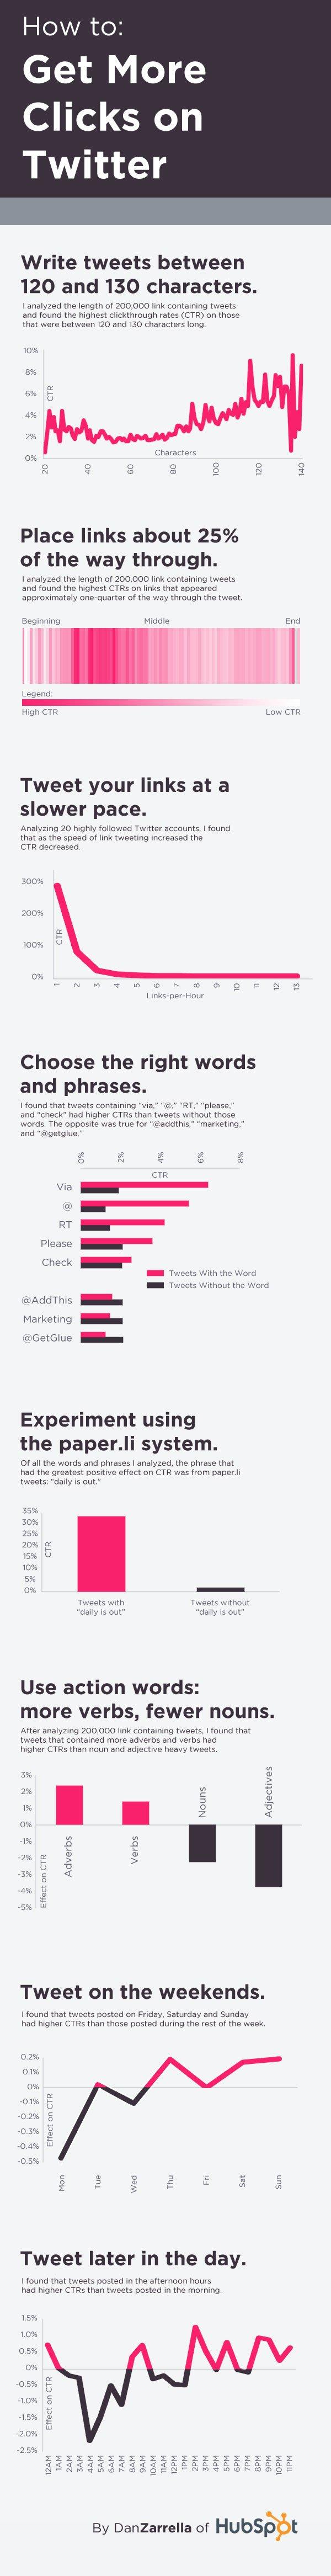 ¿Cómo conseguir más clicks en Twitter? - Infografia